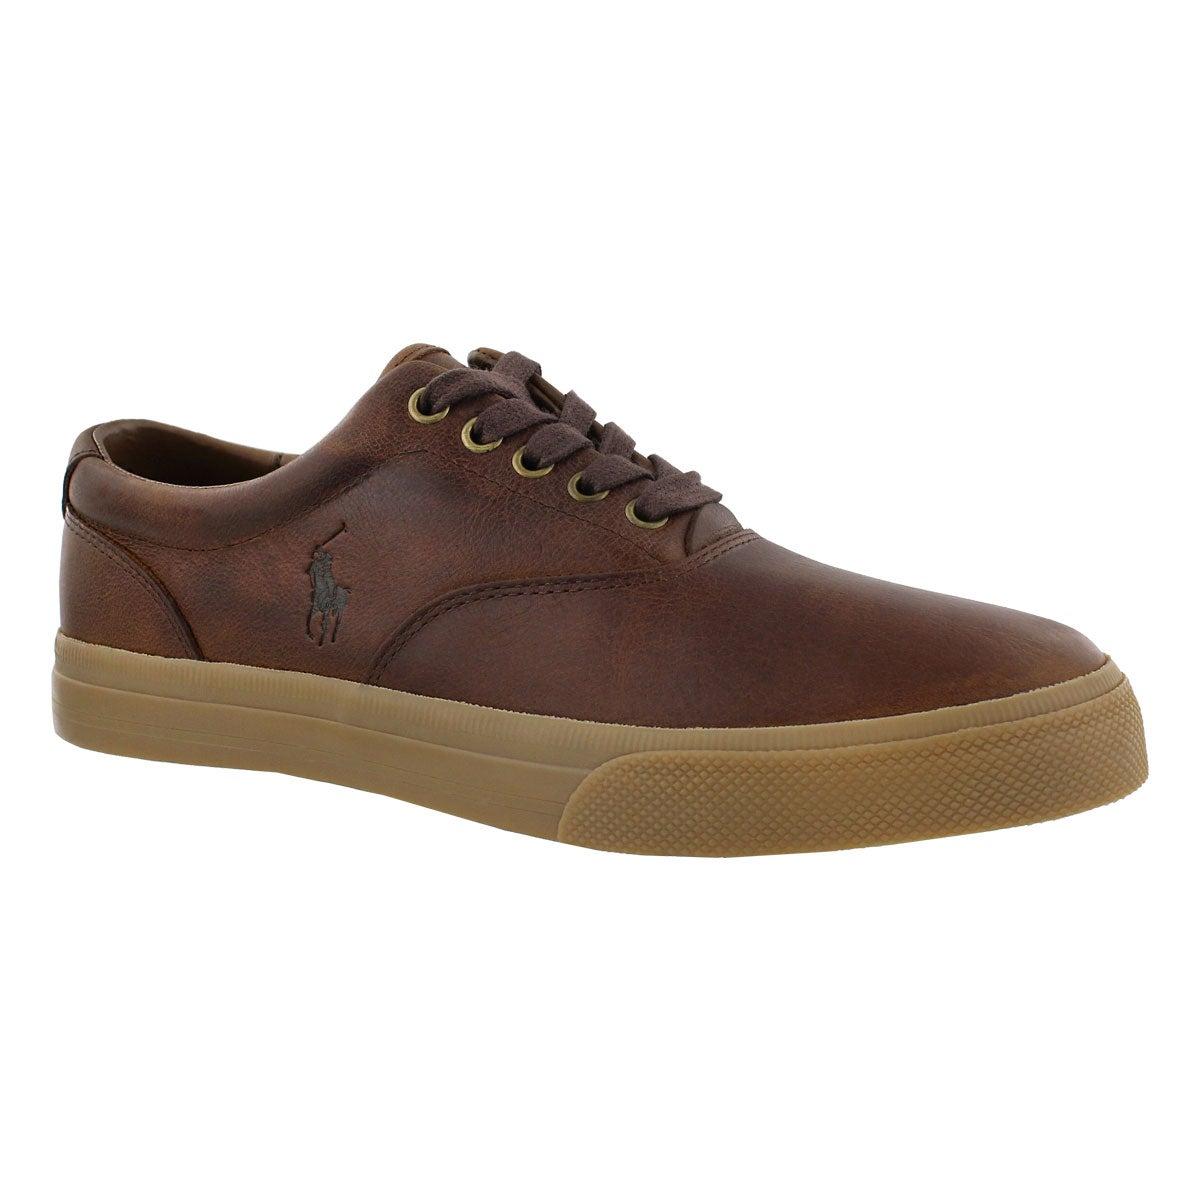 Mns Vaughn light tan/gum lace up sneaker